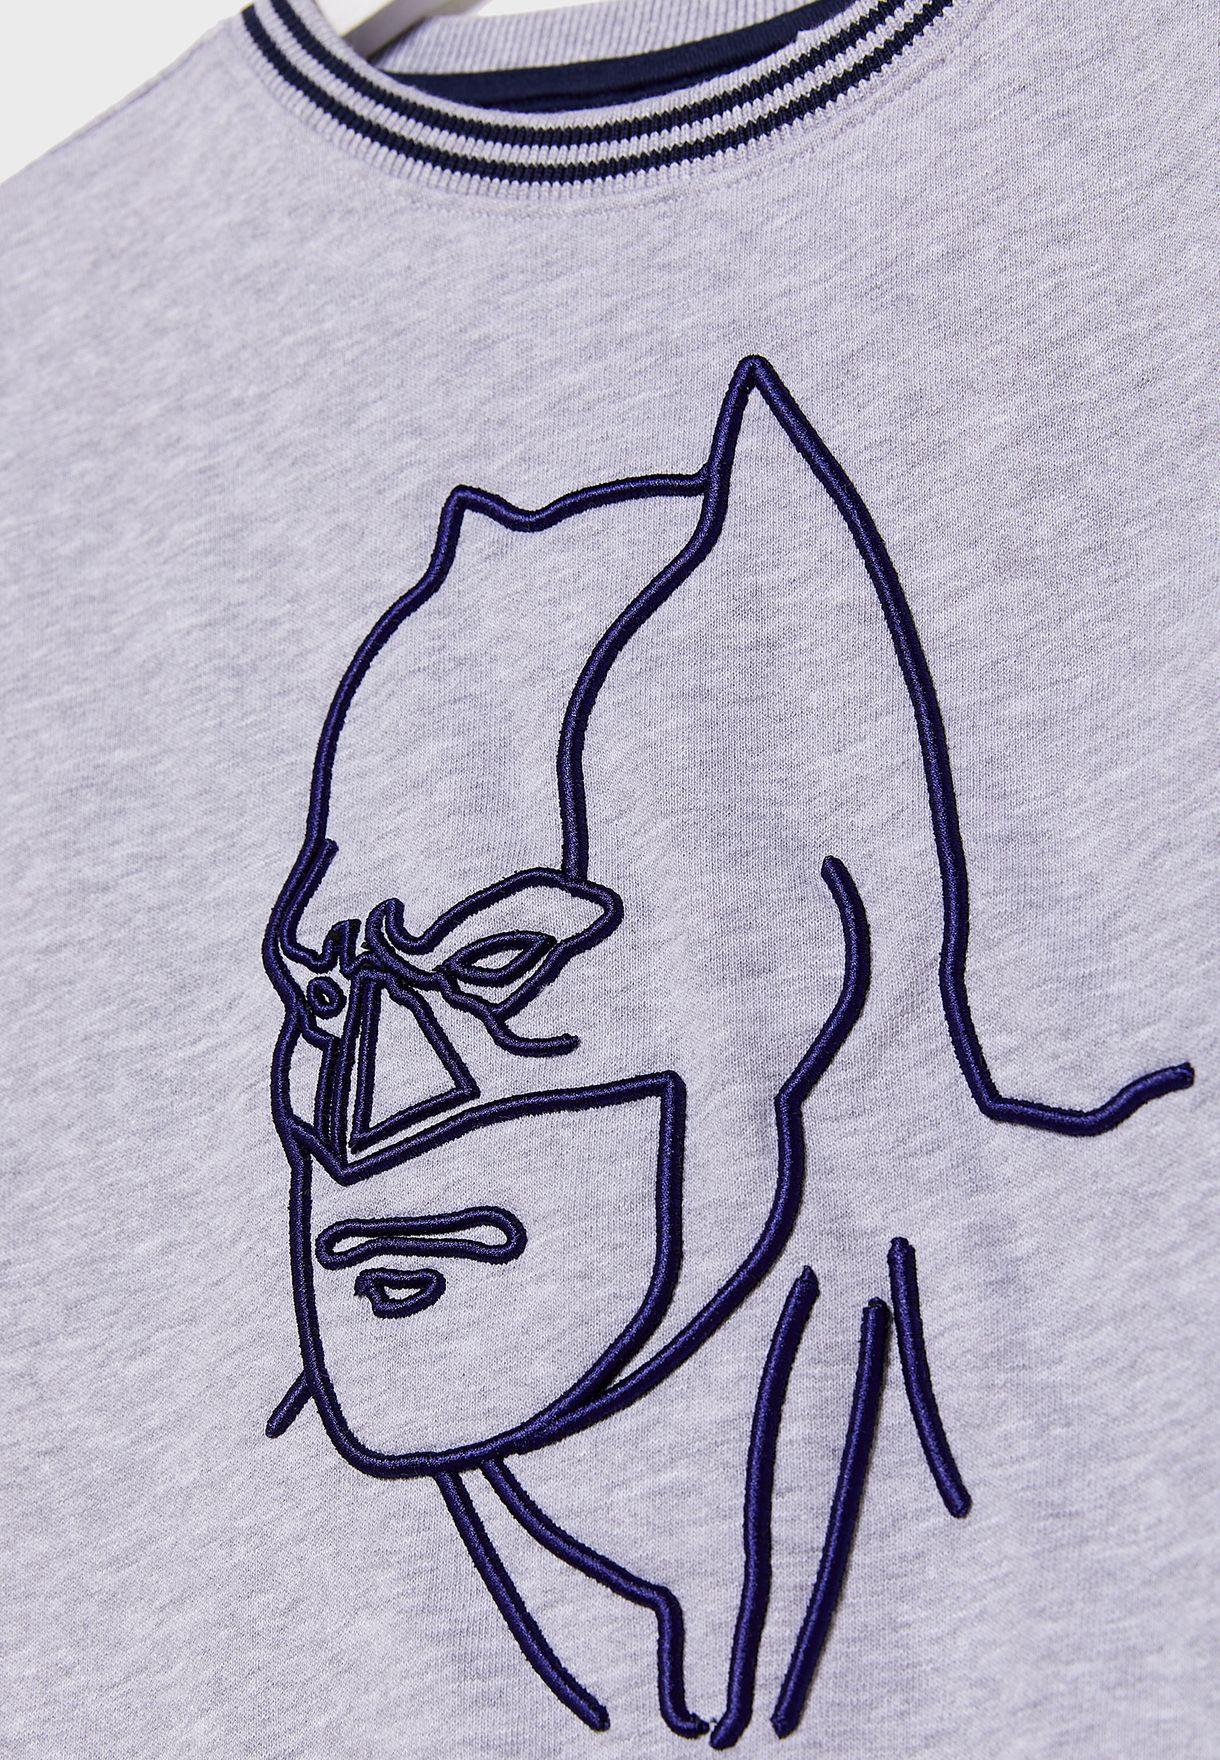 سويت شيرت بطبعة باتمان